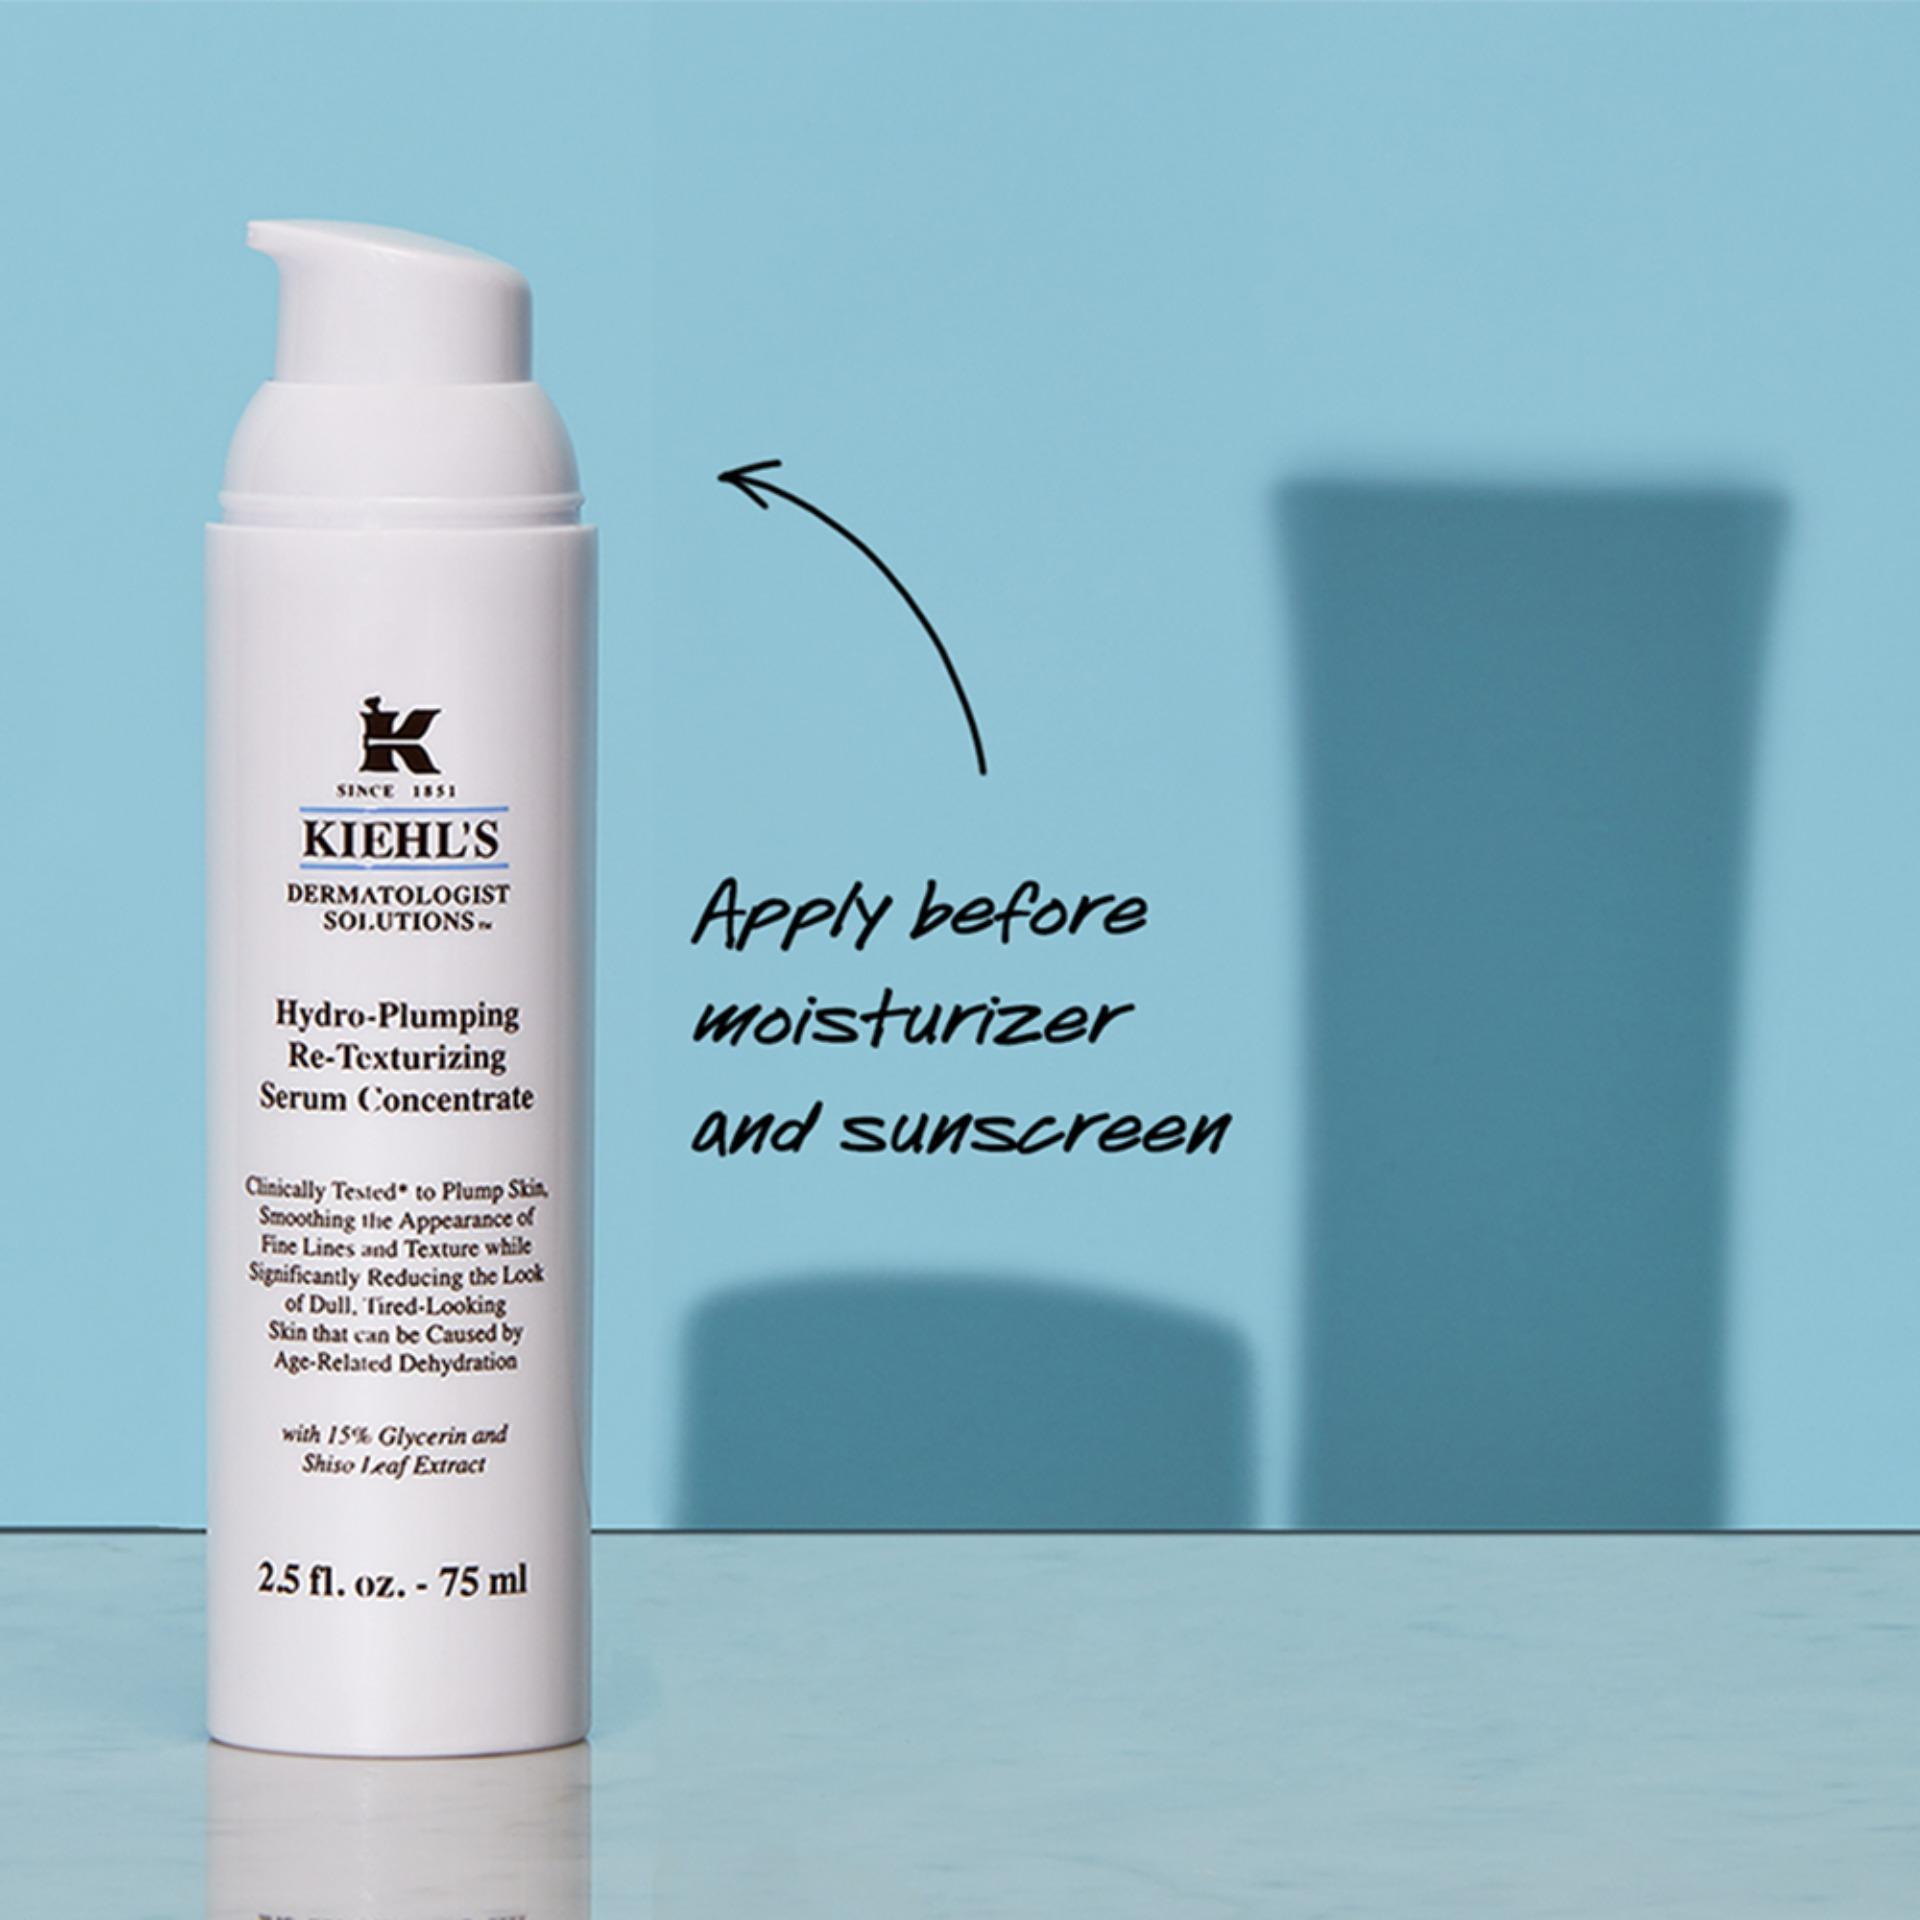 Dưỡng Chất (Serum) Dưỡng Ẩm Kiehl's Hydro-Plumping Re-Texturizing Serum Concentrate 15ML